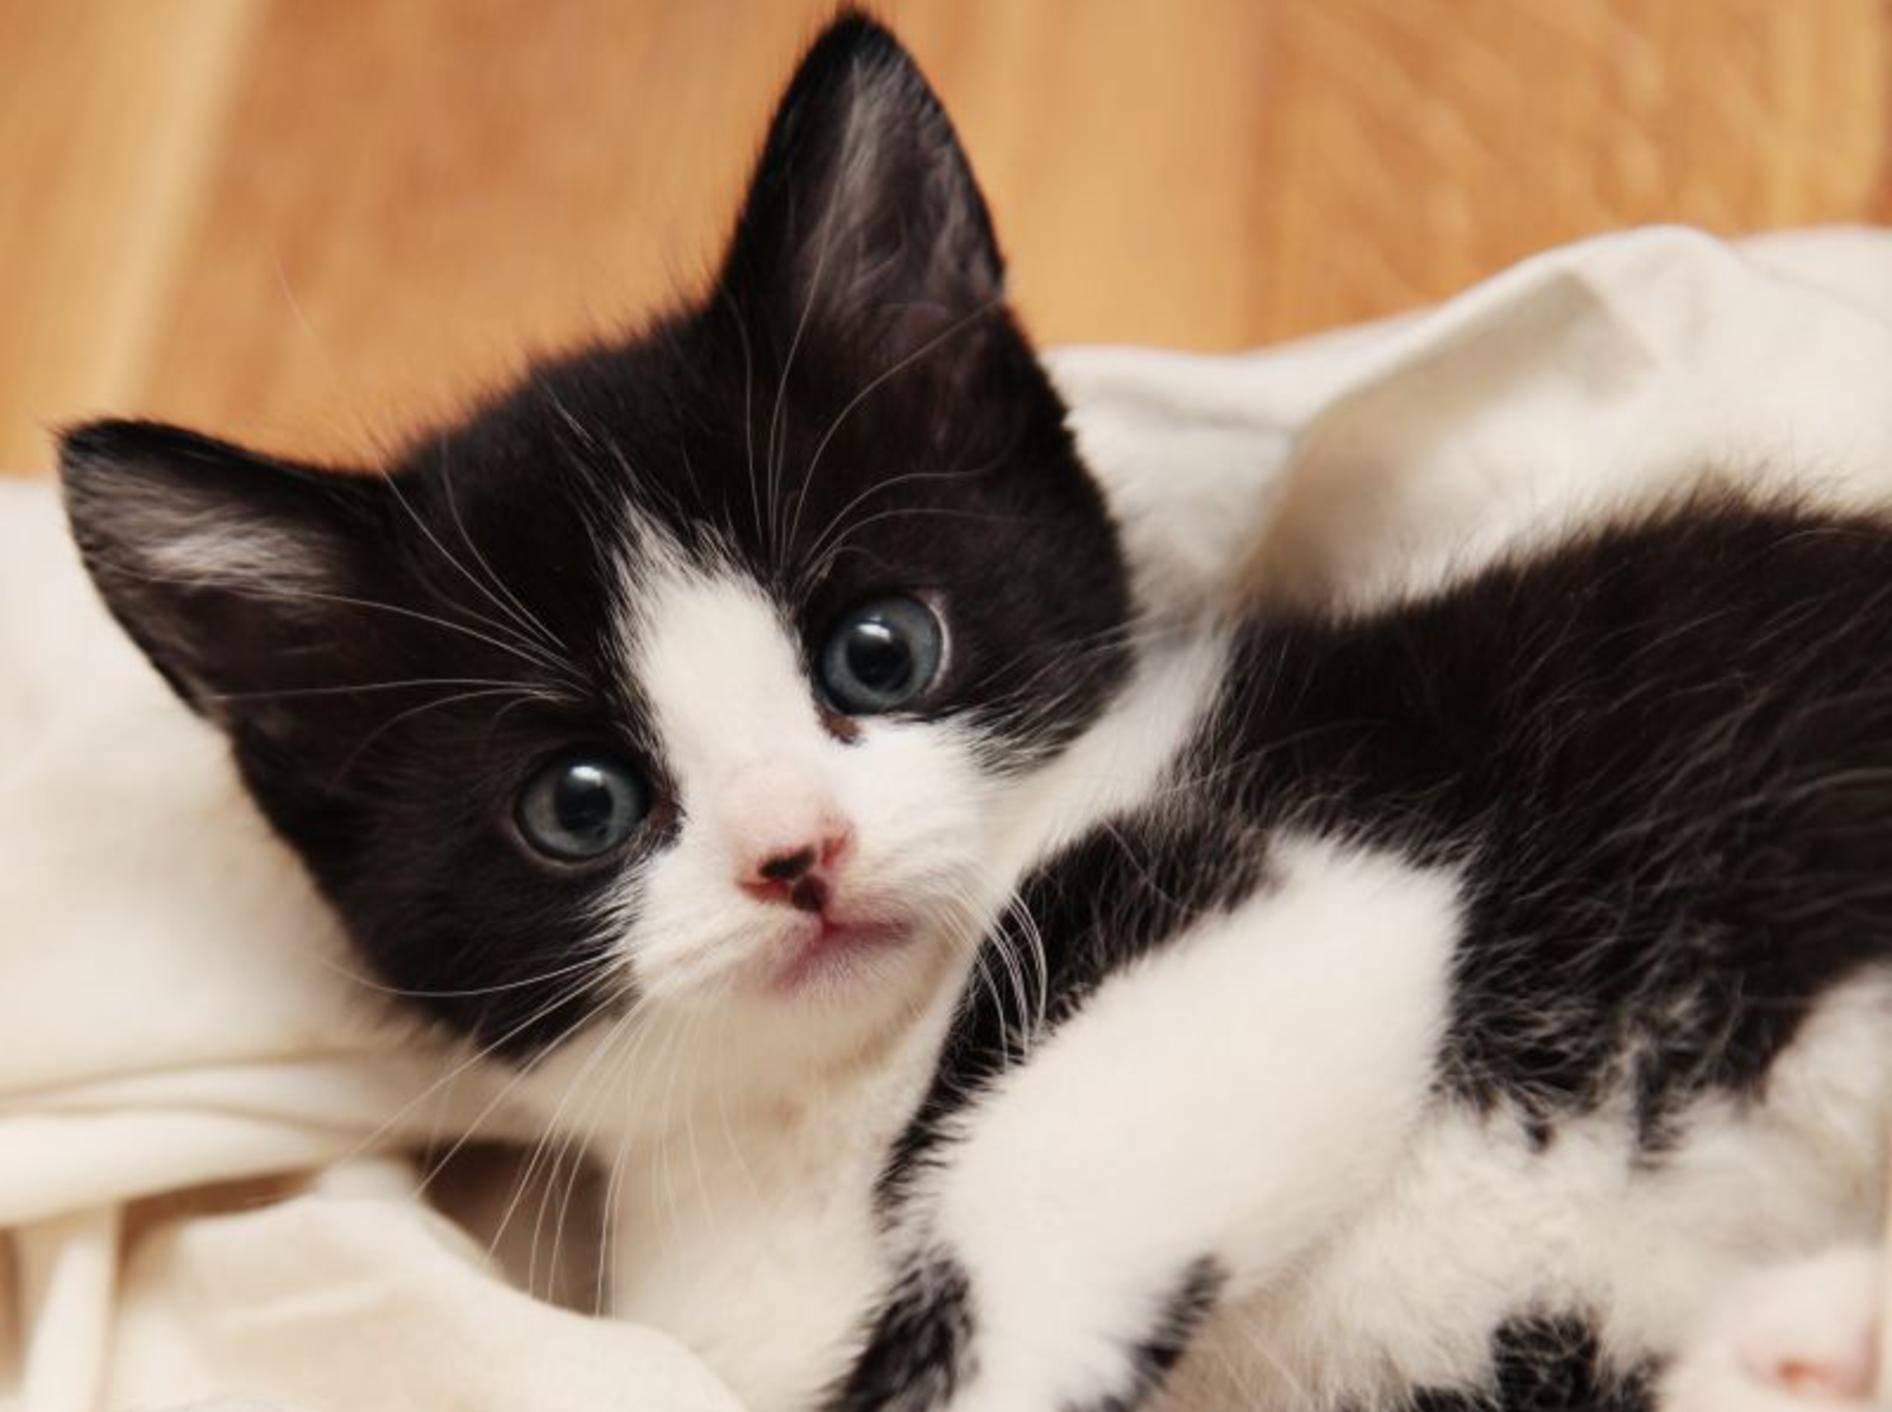 Wie süß: Kuschelzeit mit einem Kuhmuster-Katzenbaby – Bild: Shutterstock / Foonia